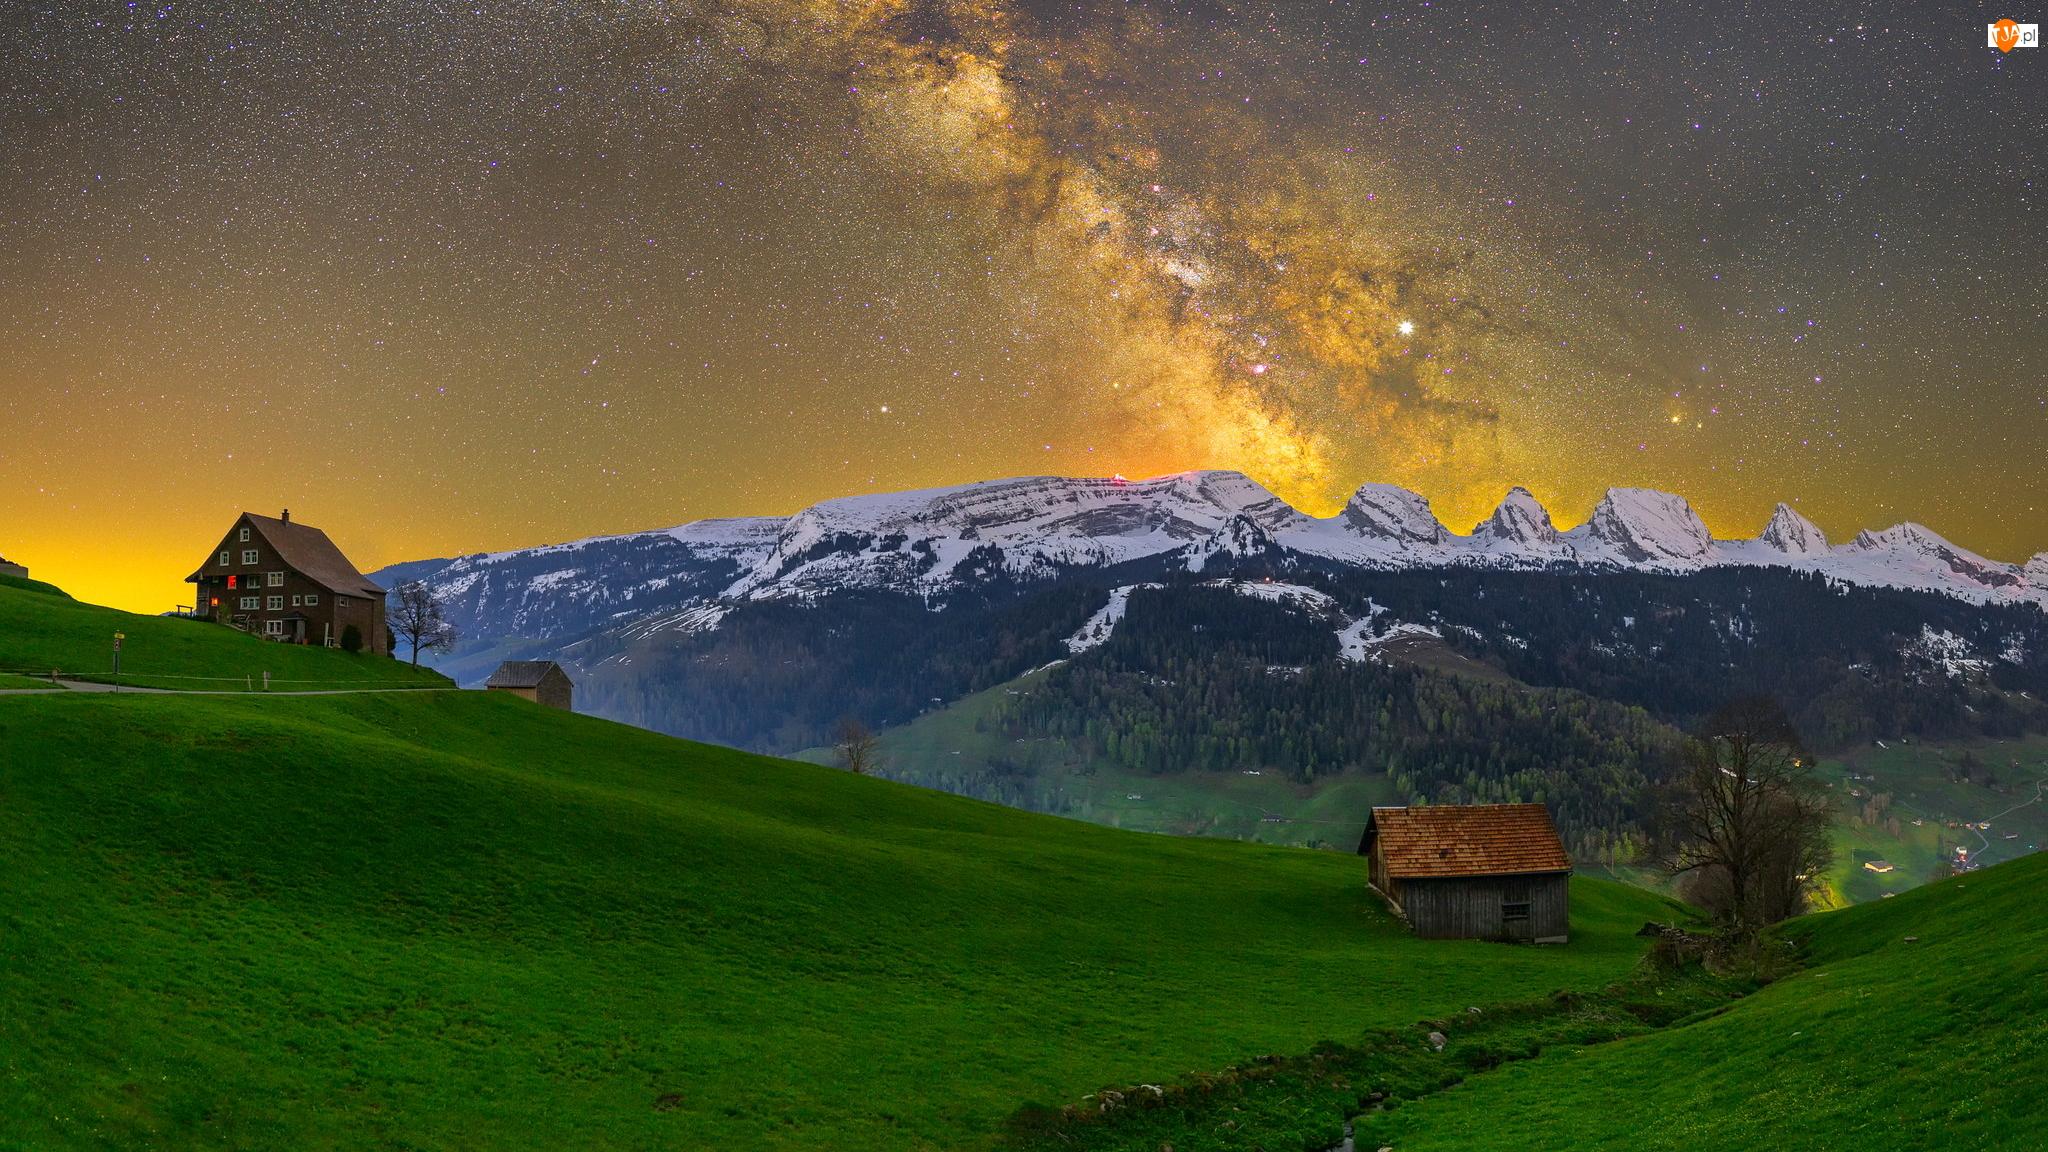 Szwajcaria, Gwiazdy, Droga mleczna, Alpy Zachodnie, Alt Sankt Johann, Wieś, Góry, Domy, Appenzeller Alpen, Kanton Sankt Gallen